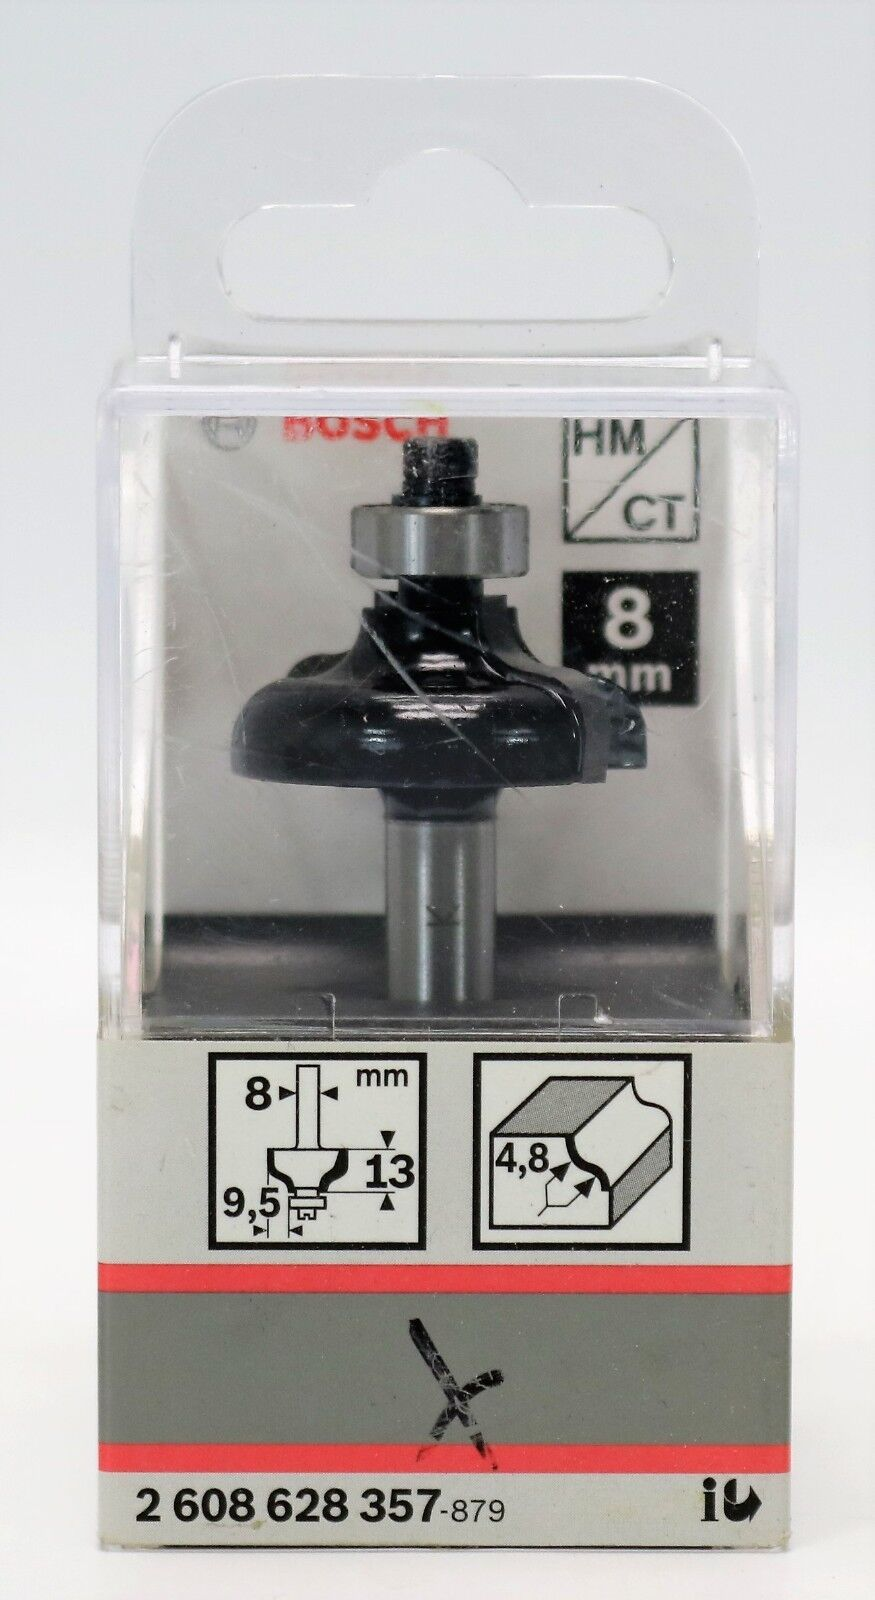 Bosch Profi HM//CT Profilfräser 8mm Schaft mit Anlaufkugellager Fräser Fräsen